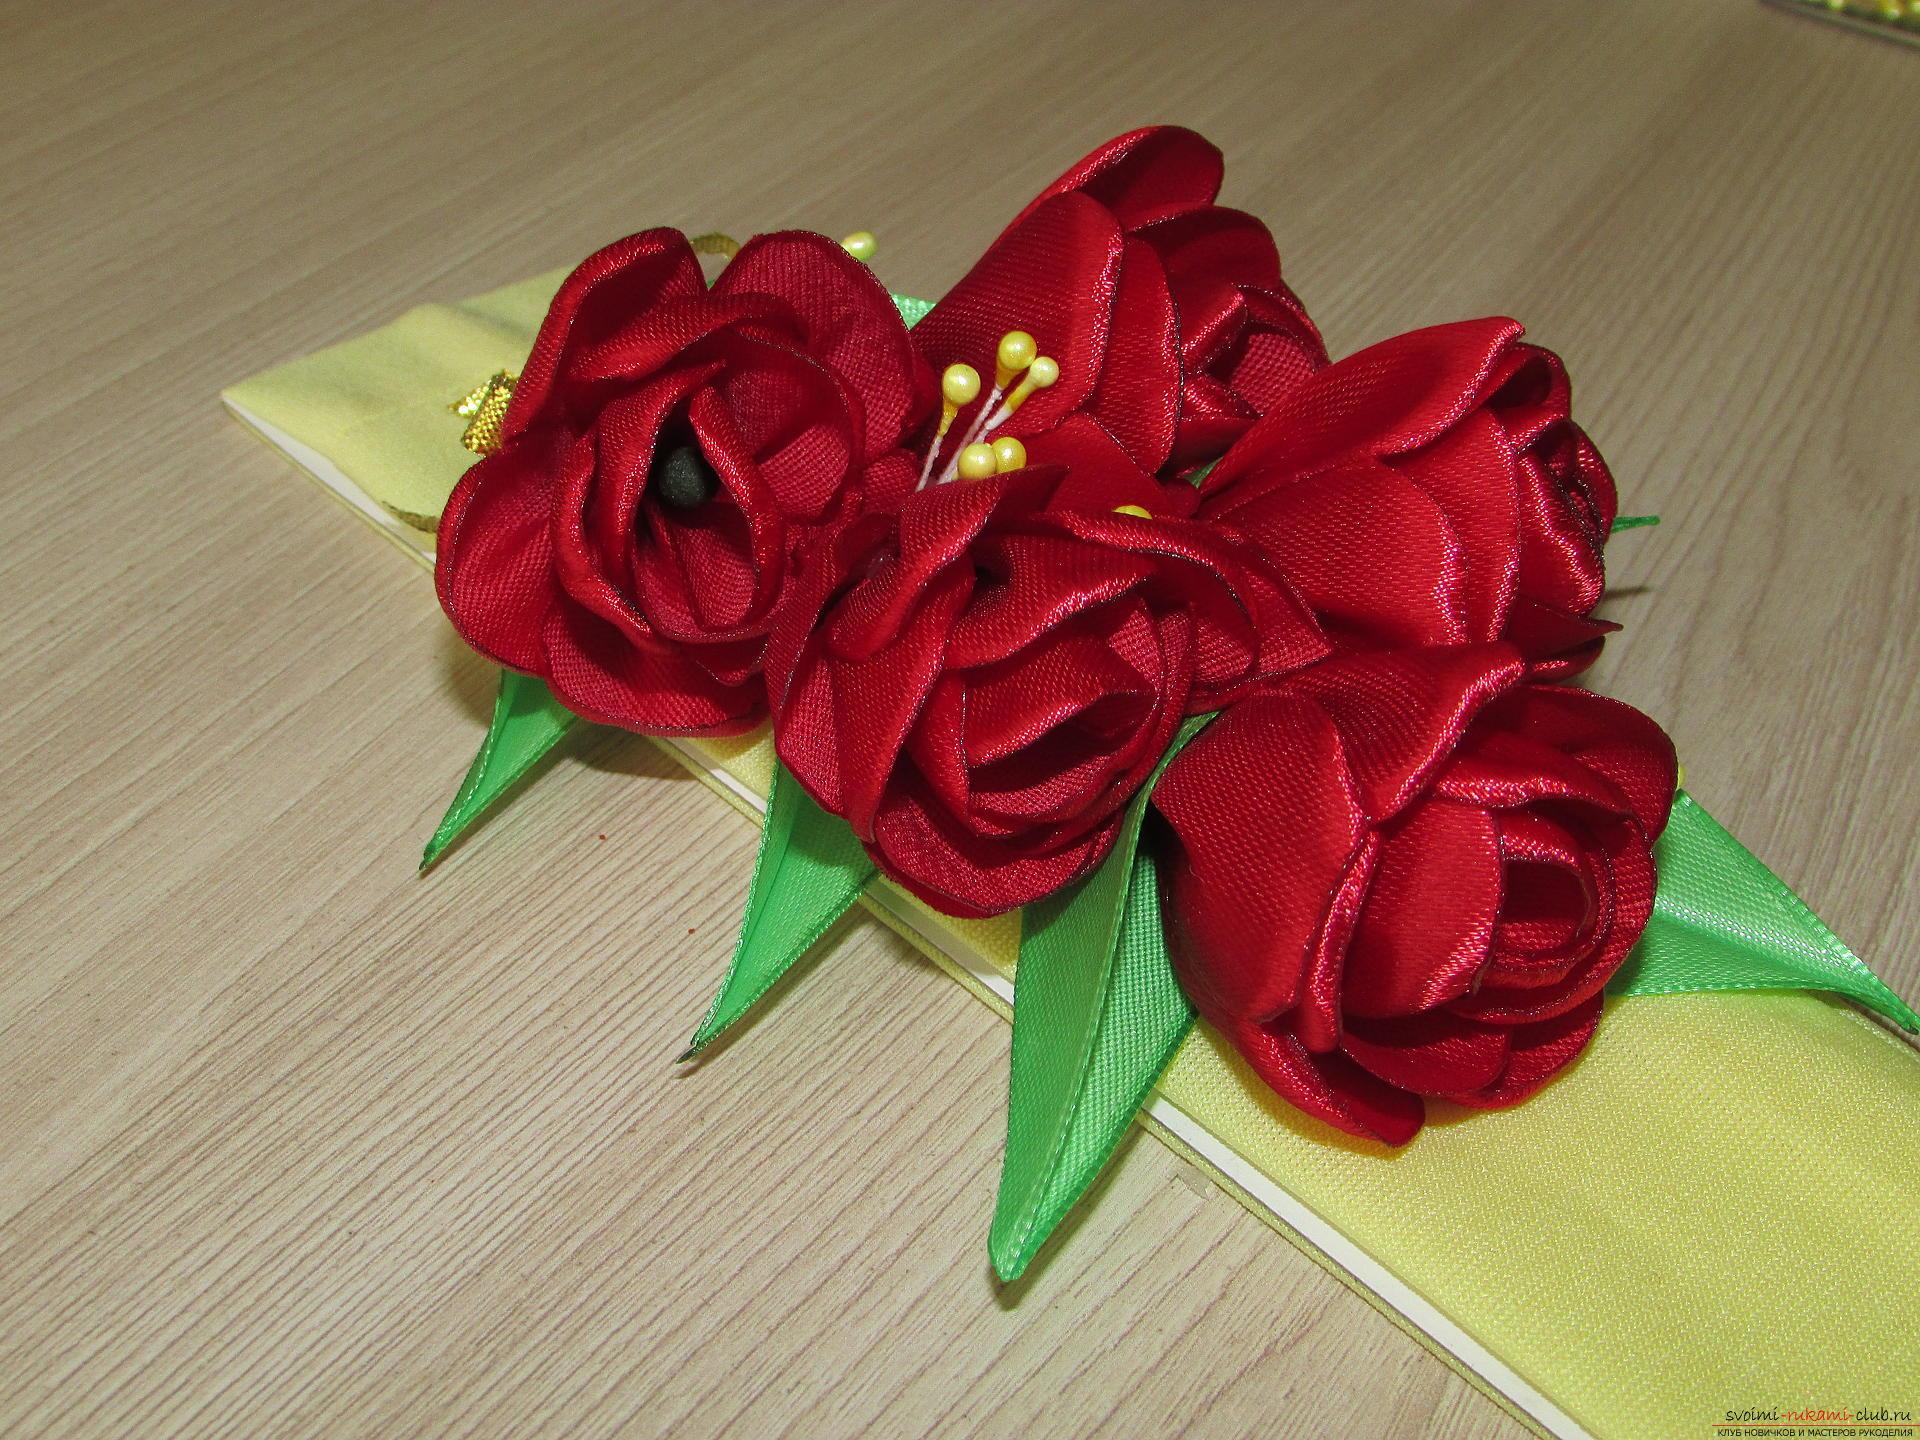 Этот мастер-класс научит как сделать тюльпаны из атласных лент своими руками.. Фото №21